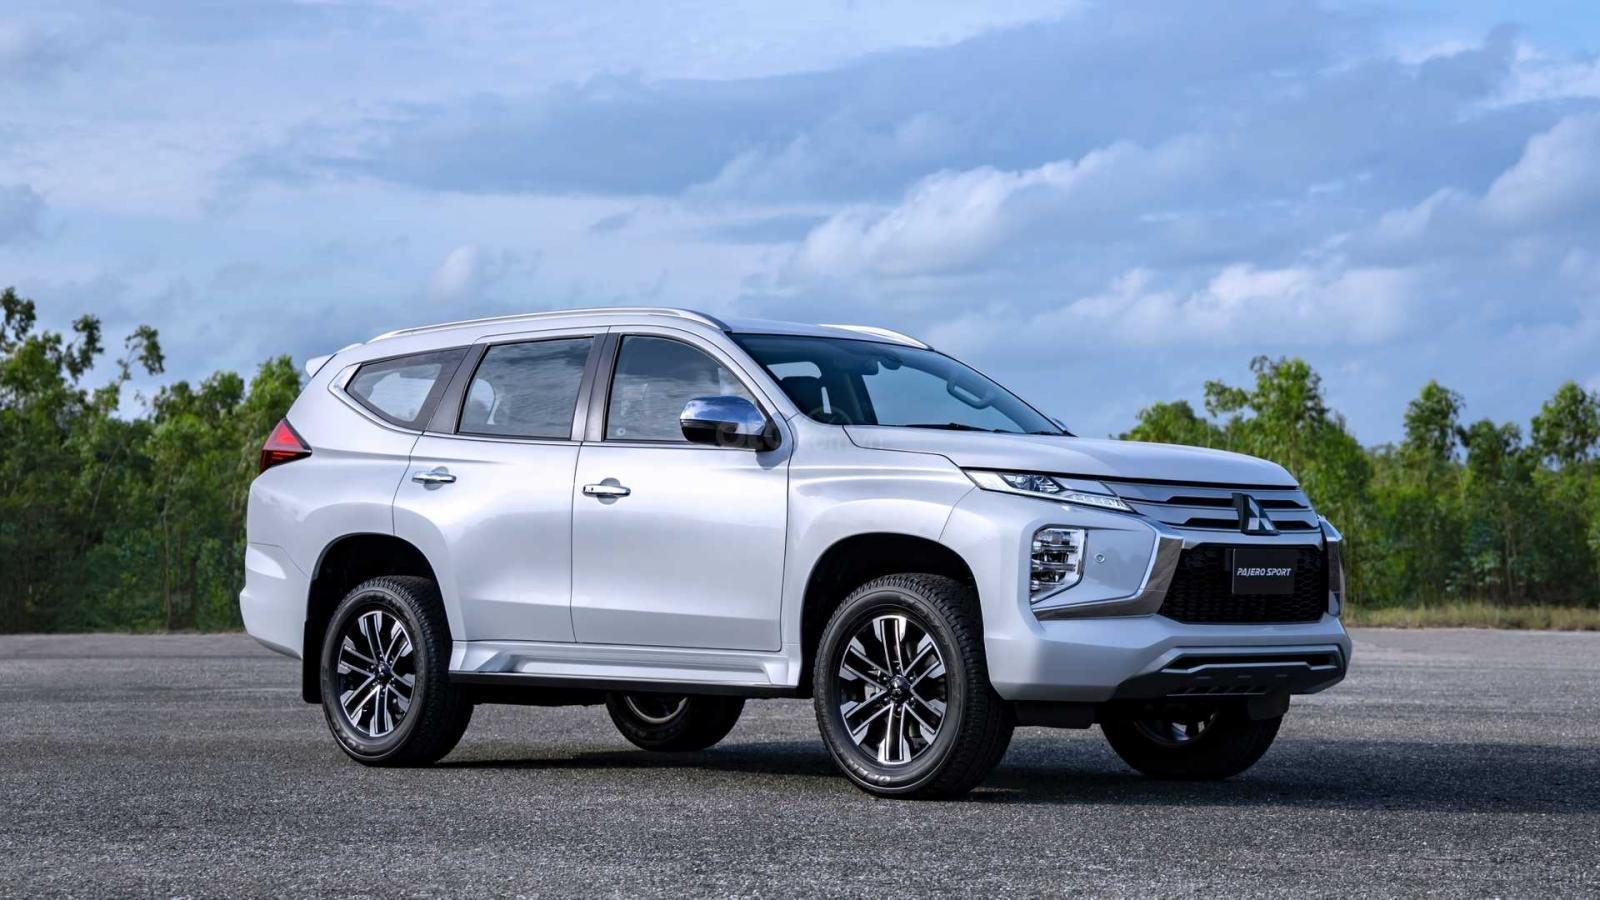 Mitsubishi-Pajero-Sport-2020